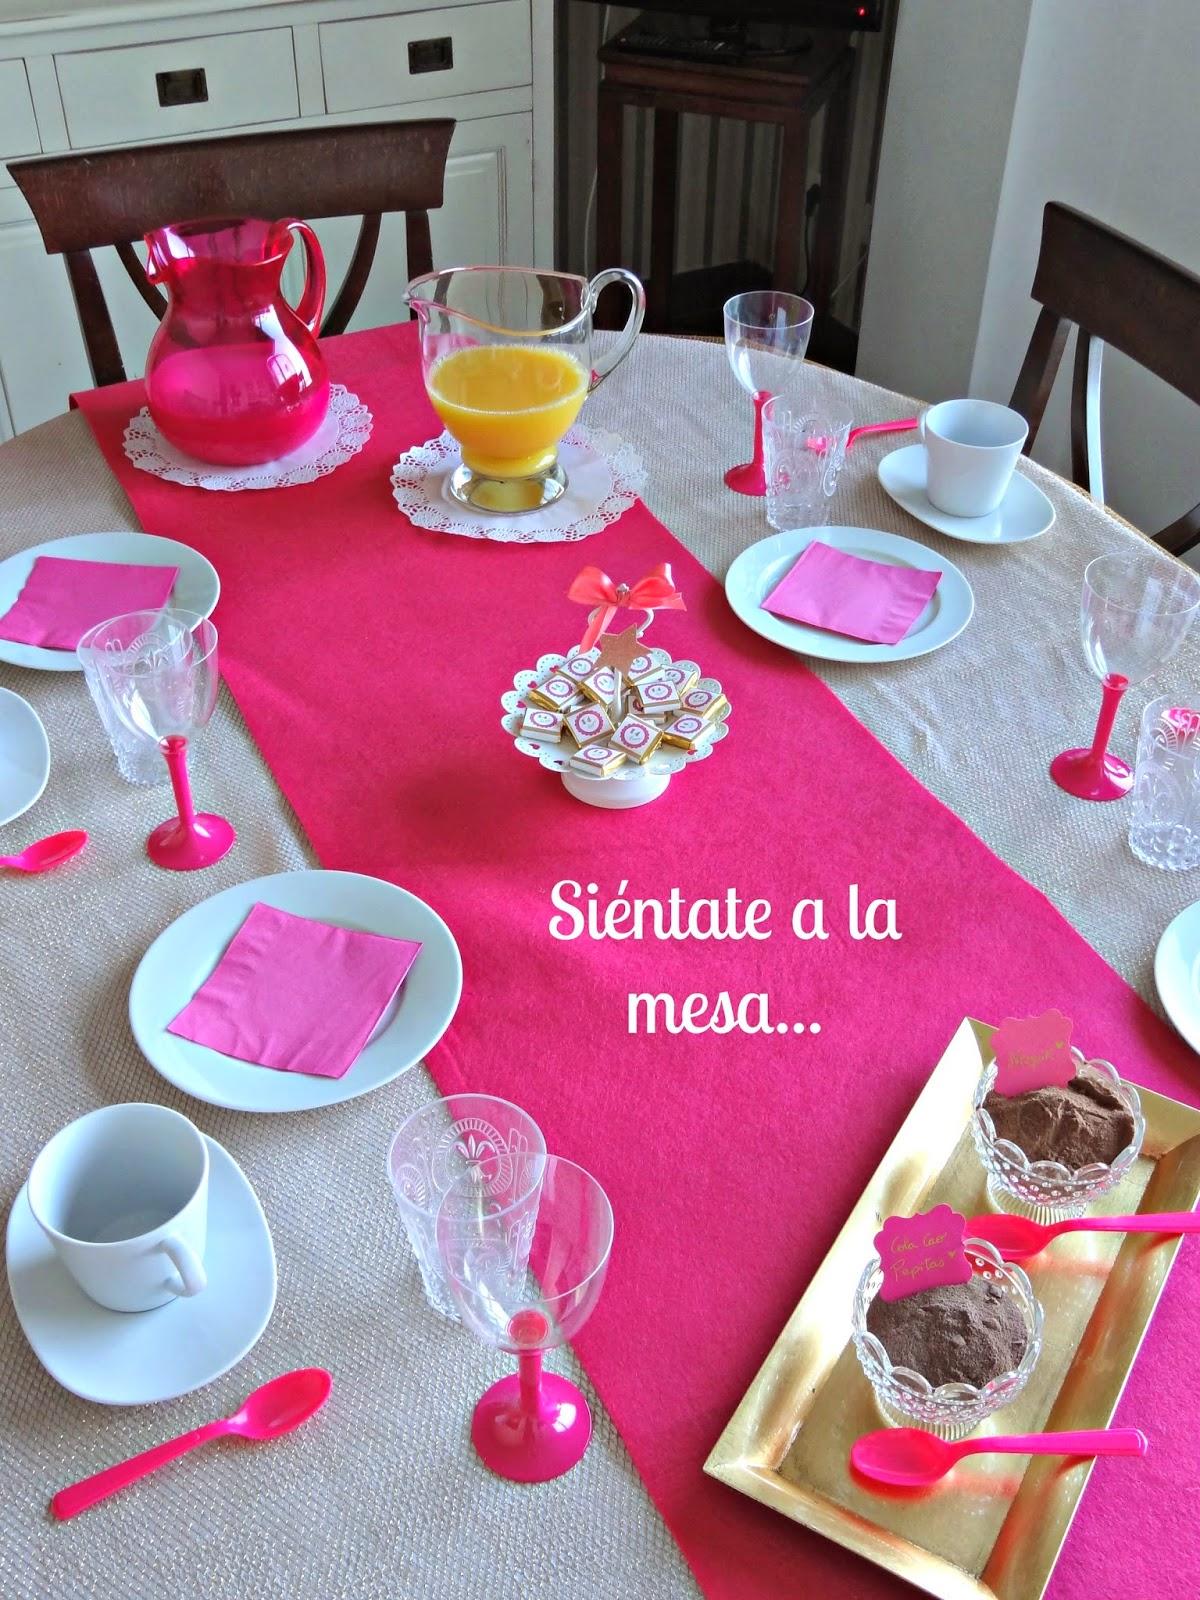 Celebra con ana compartiendo experiencias creativas desayuno deluxe - Mesas de desayuno ...